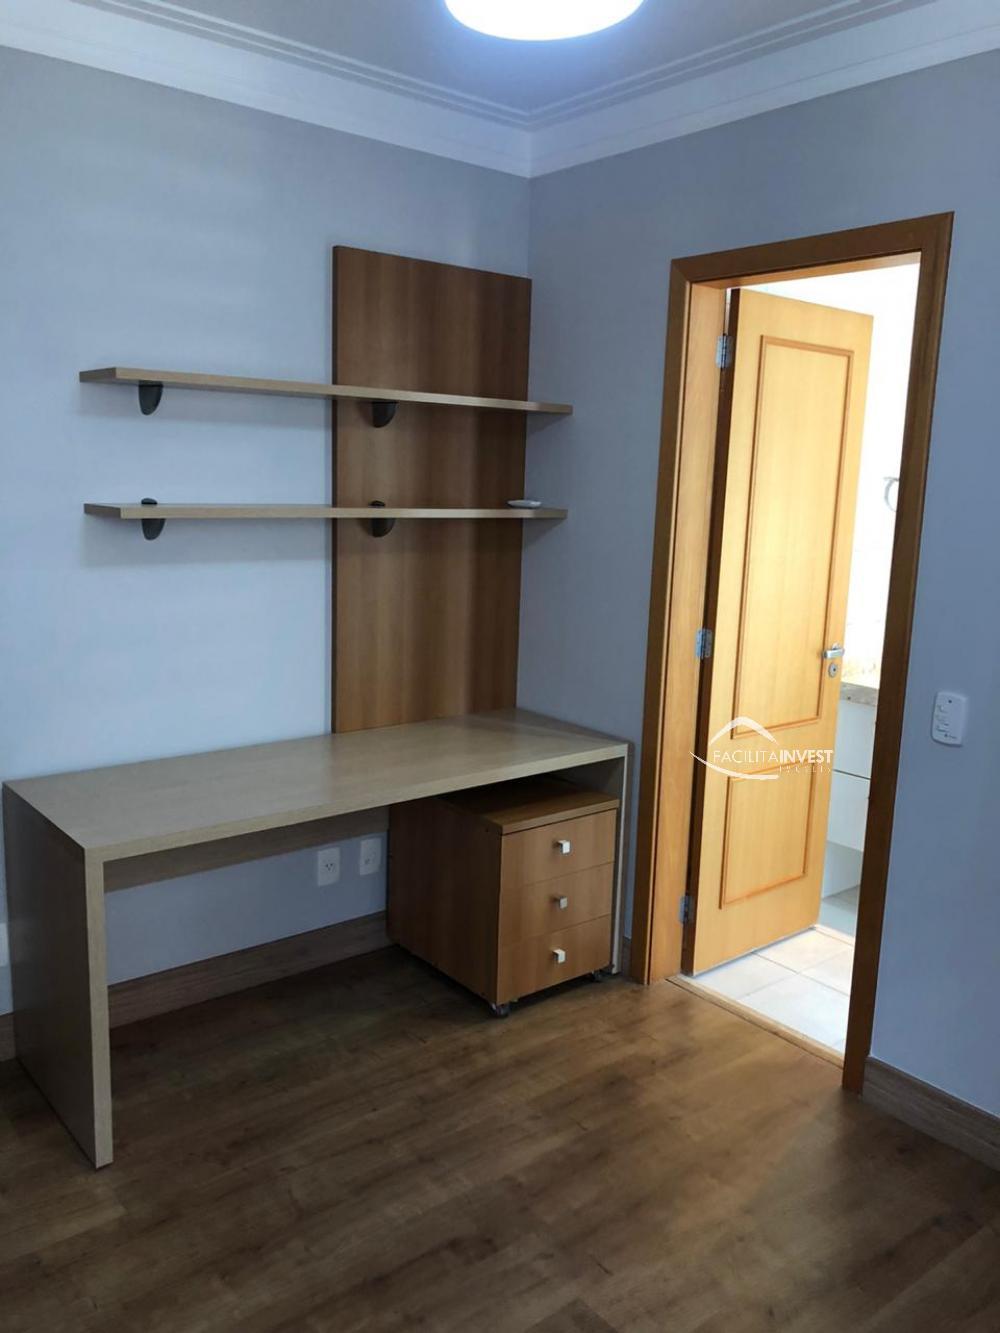 Alugar Apartamentos / Apart. Padrão em Ribeirão Preto apenas R$ 3.500,00 - Foto 22